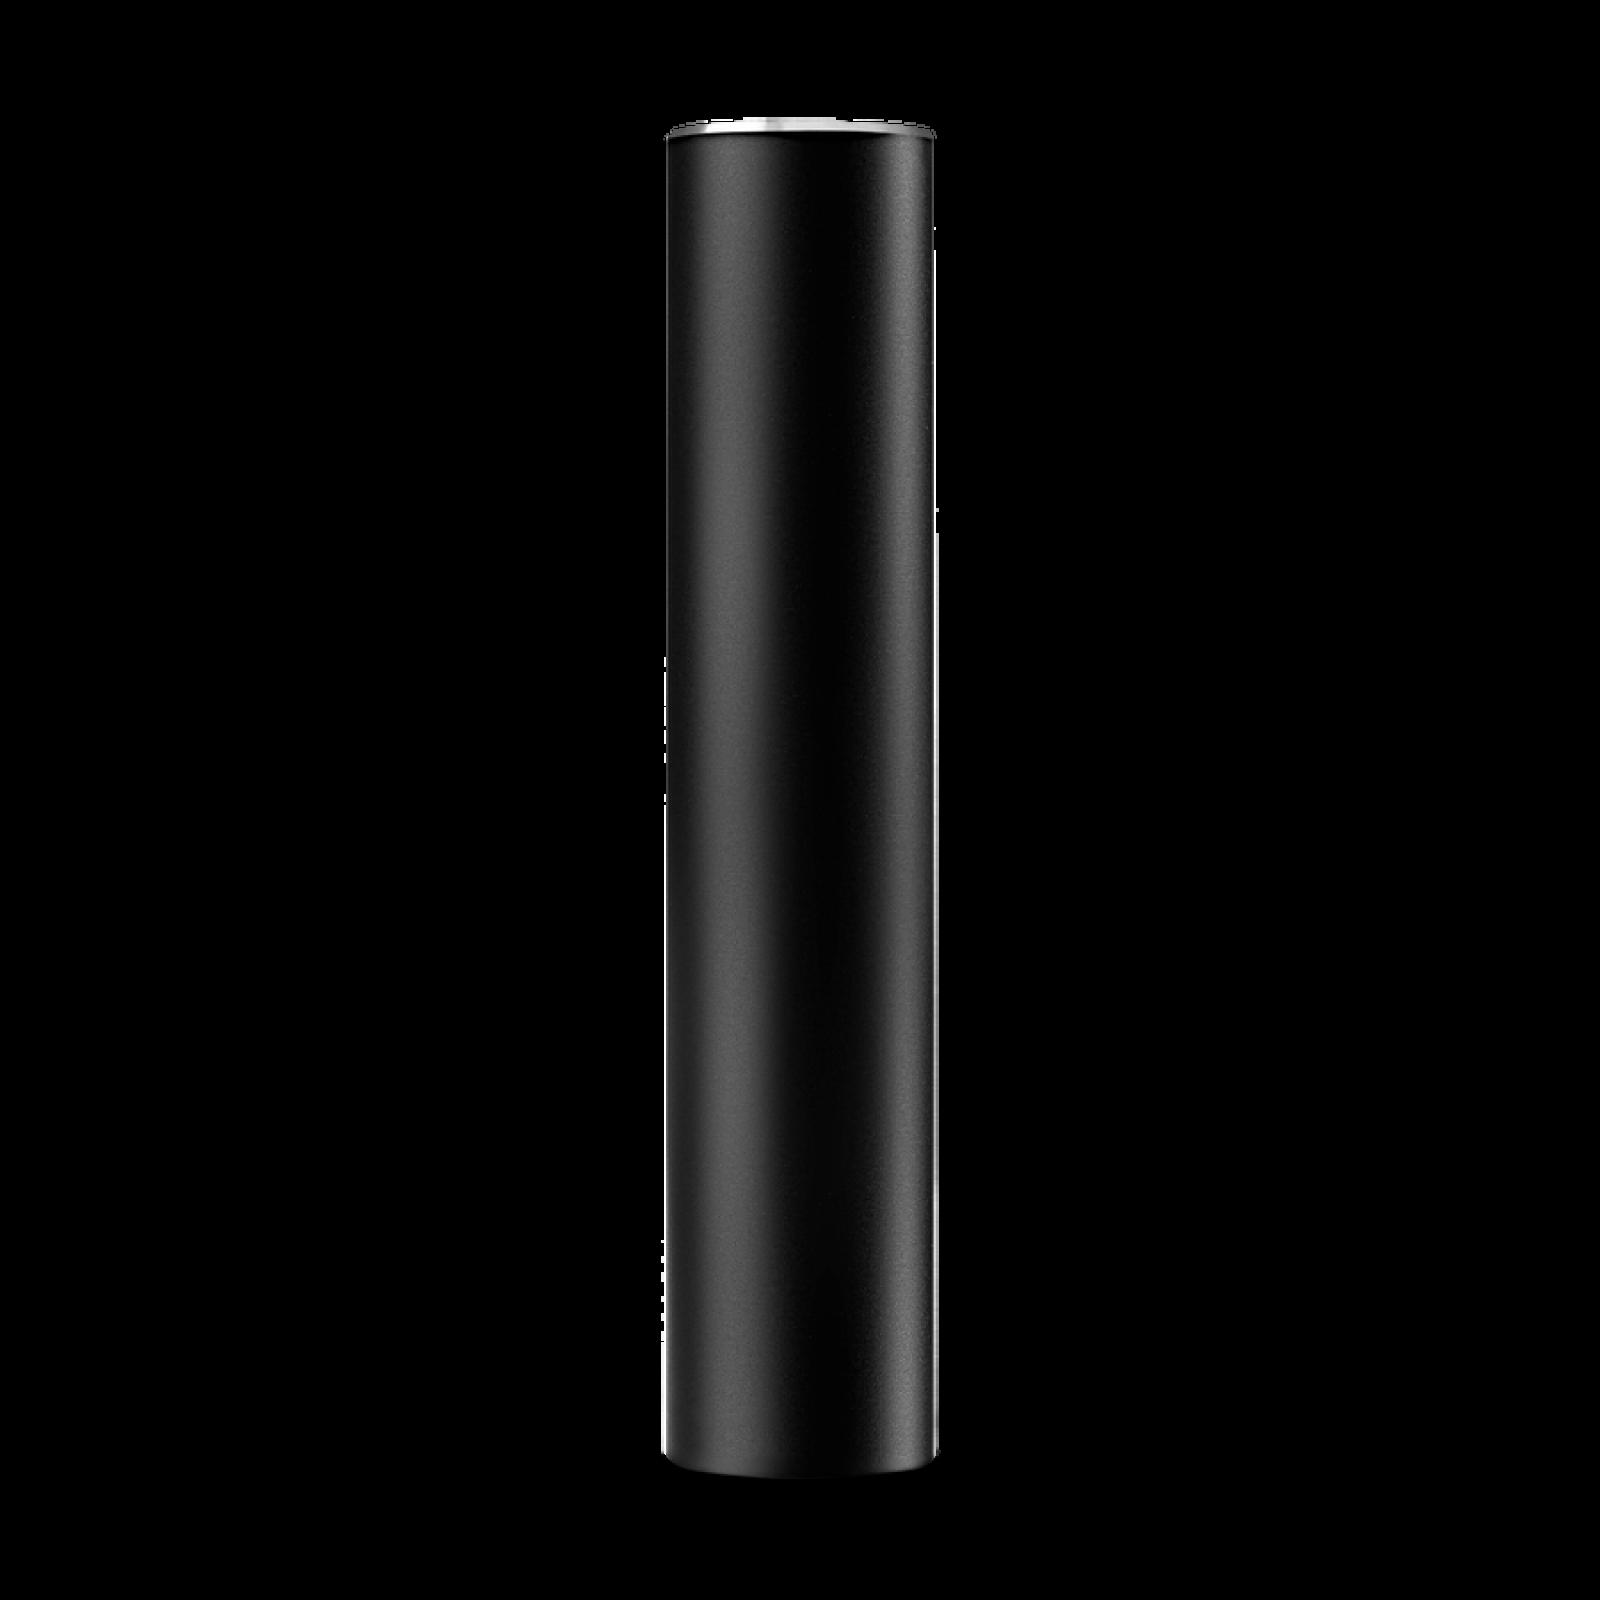 Външна батерия ttec AlumiSlim Multi LCD 20.000mAh - Черна, 118151